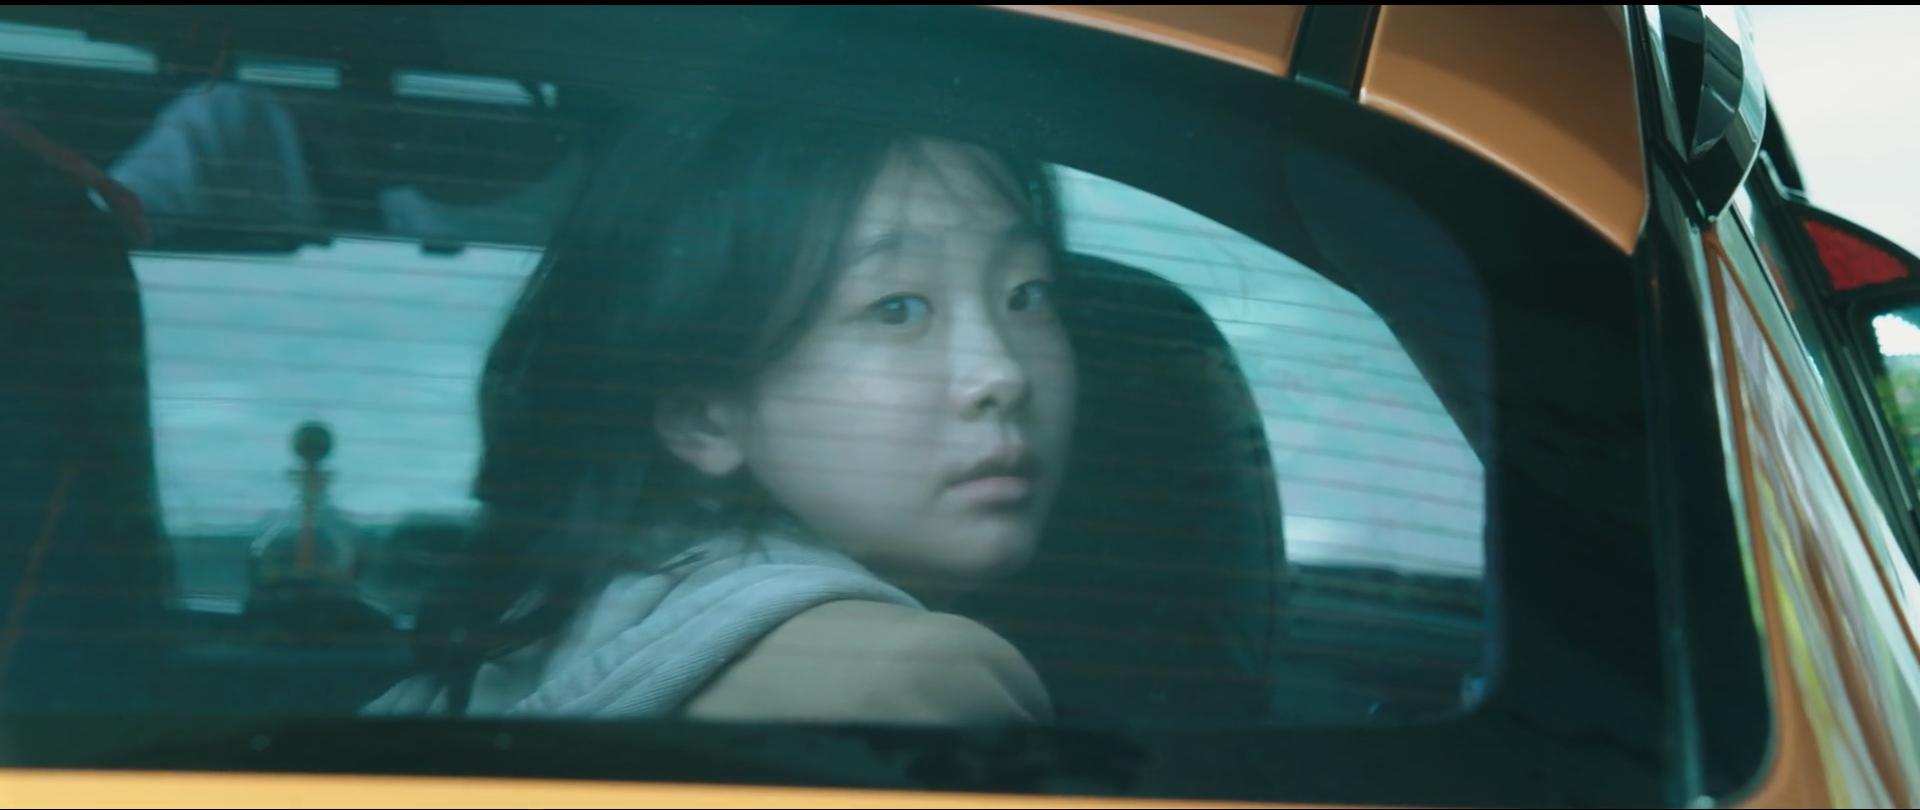 韩国动作悬疑电影《魔女》变异人不断反转剧情就为找自己的生父母 (14)